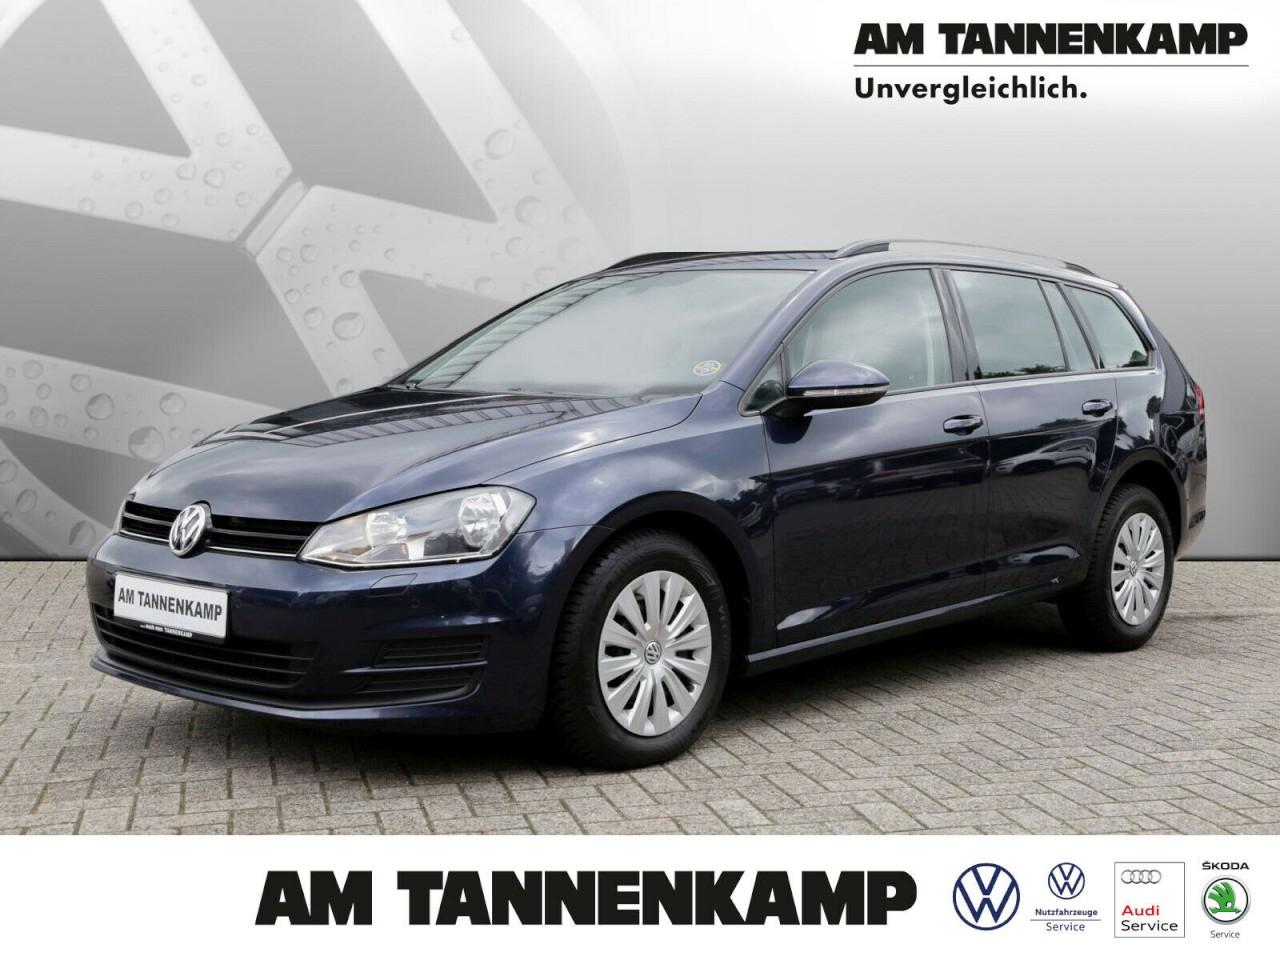 Volkswagen Golf VII Variant 1.2 TSI Trendline, PDC, Audio, Jahr 2013, Benzin